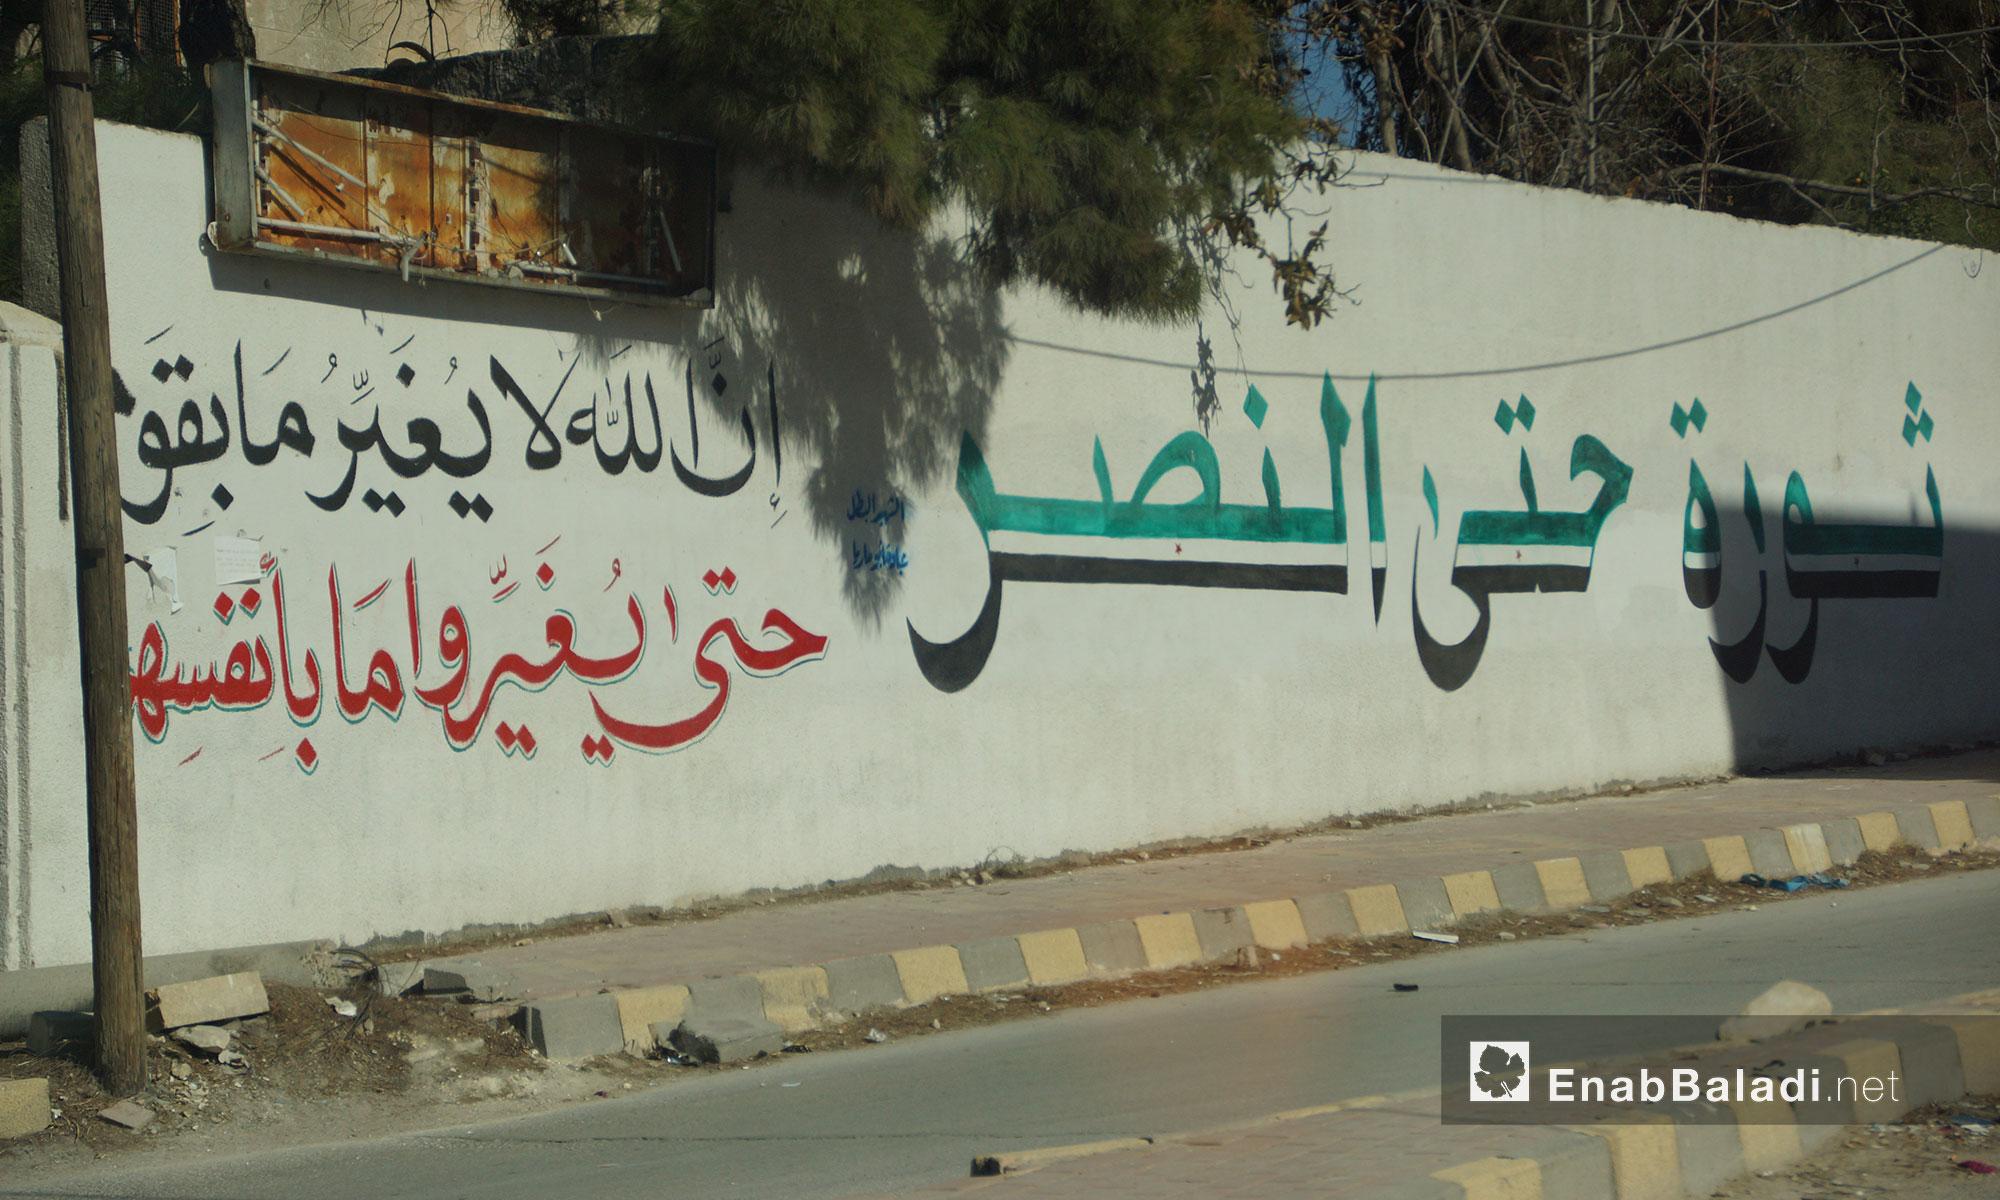 جدار في معرة النعمان إدلب - 24 تشرين الثاني 2016 (عنب بلدي)